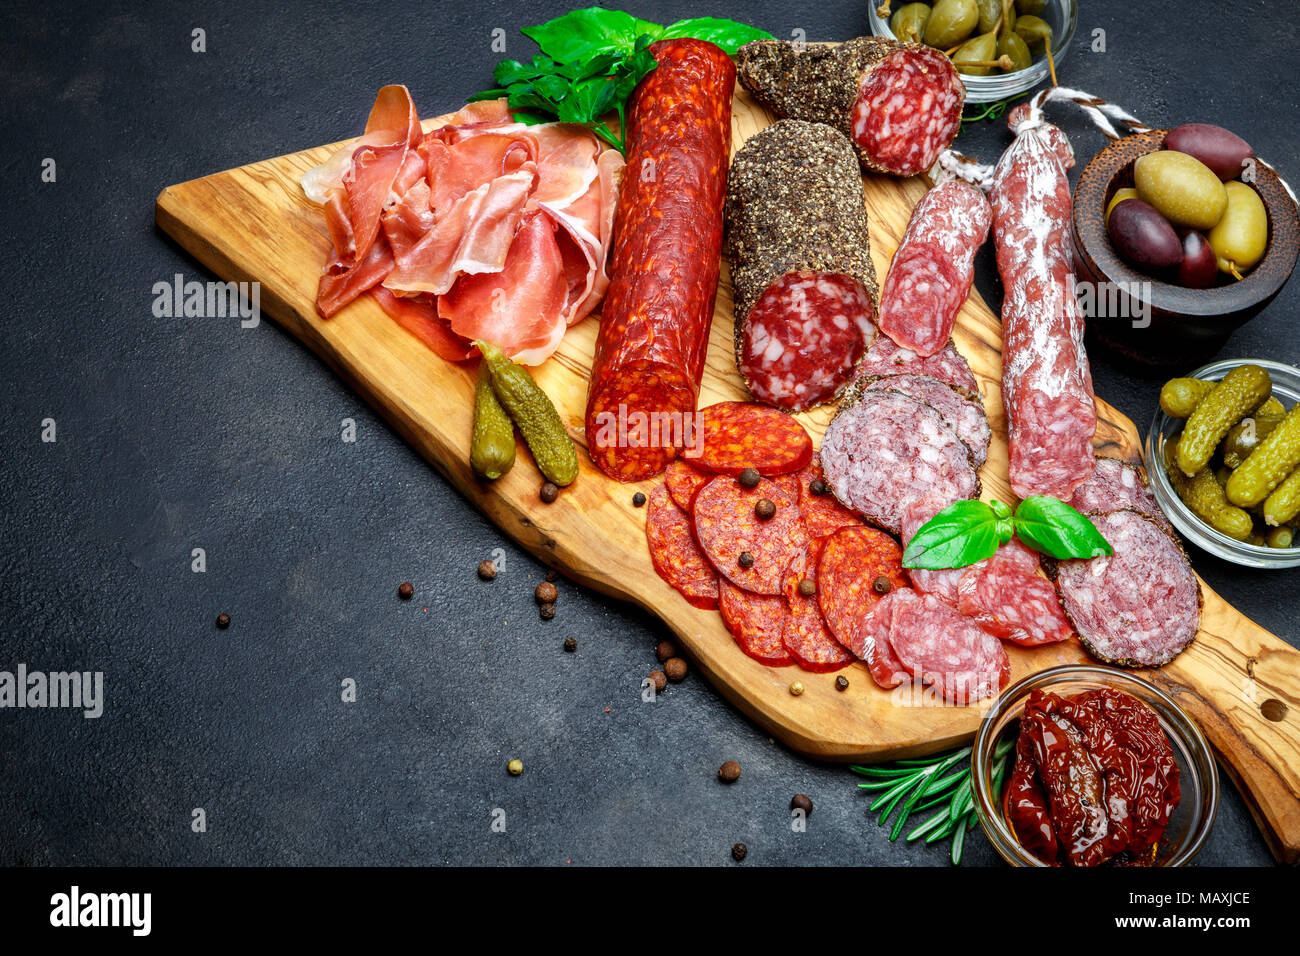 Ensemble de la viande italienne traditionnelle collation. Salami, jambon, olives, câpres Photo Stock